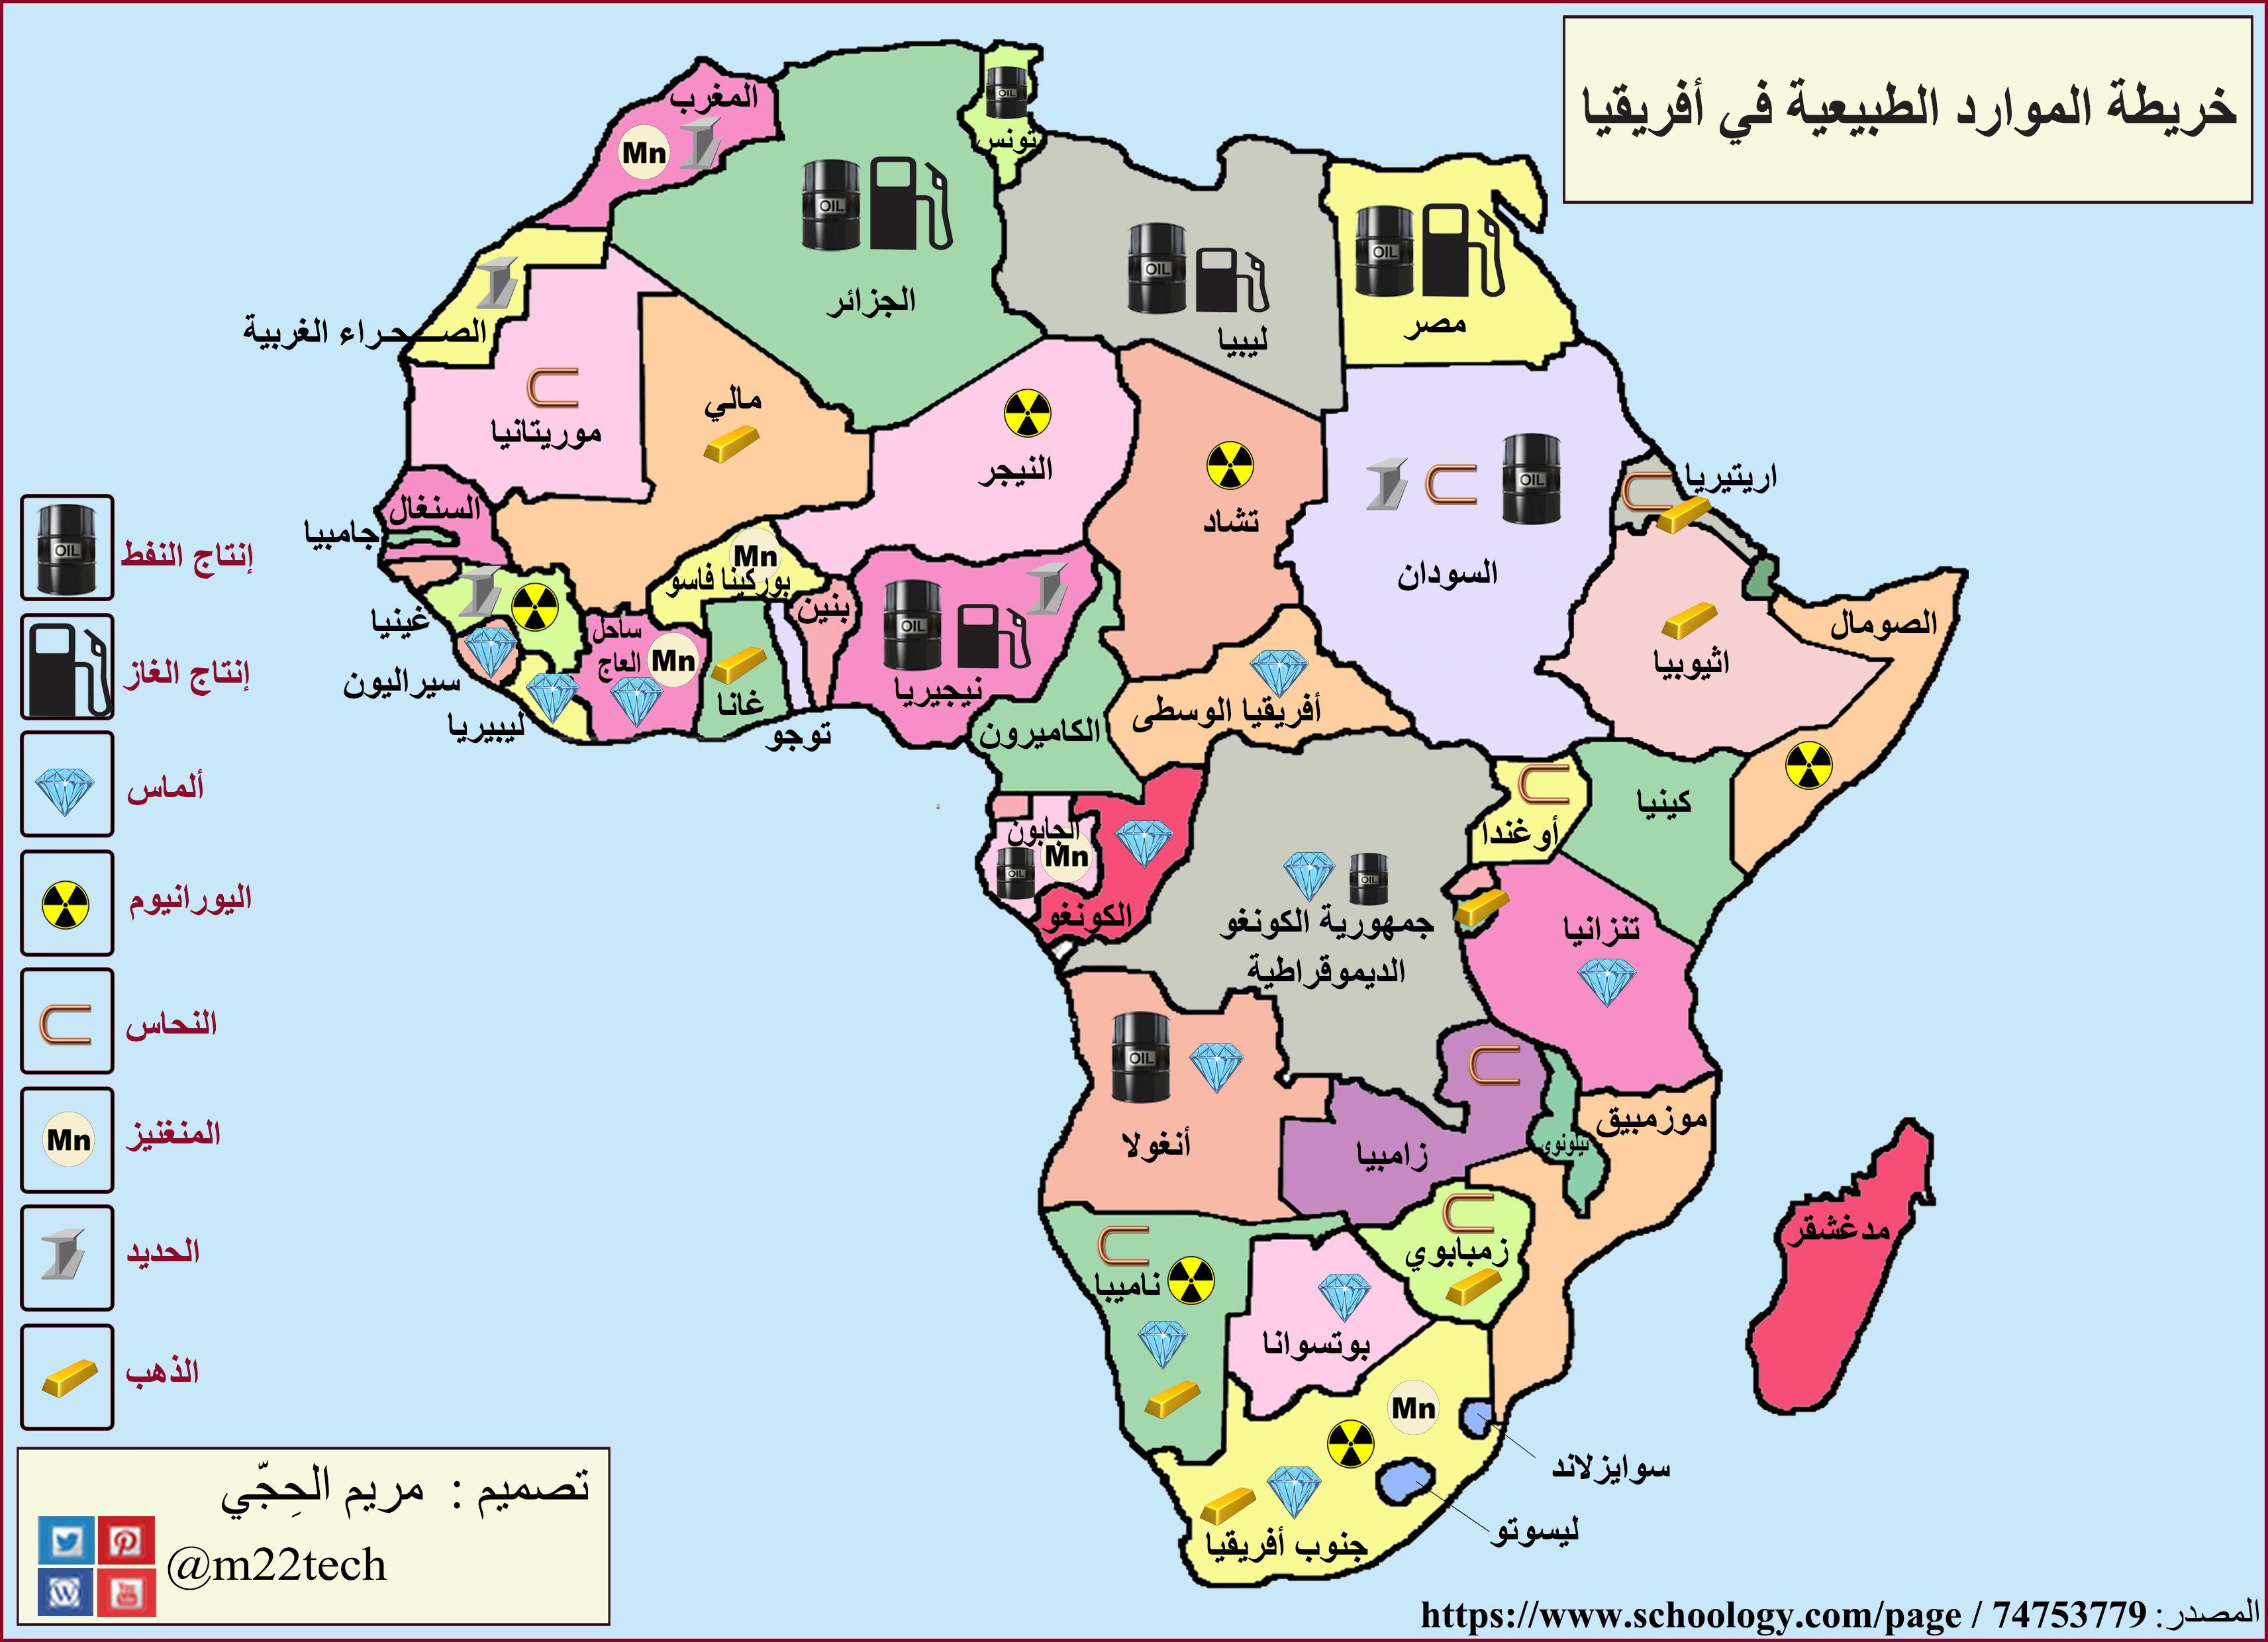 خريطة تعليمية توض ح الموارد الطبيعية في قارة أفريقيا Education Geography Dog Supplies